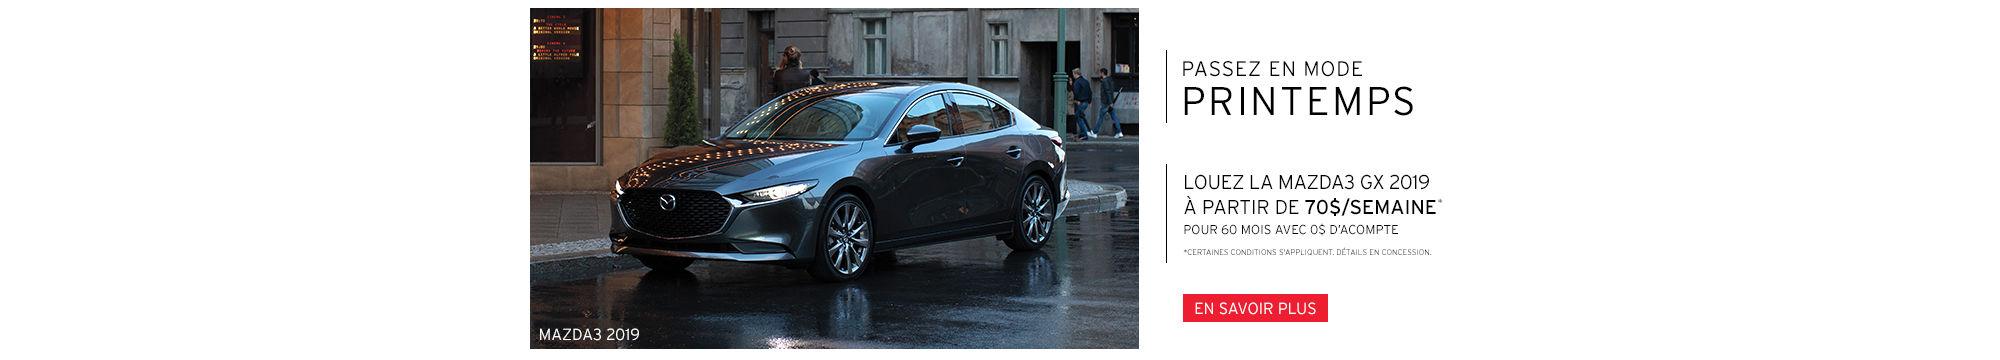 PASSEZ EN MODE PRINTEMPS - Mazda3